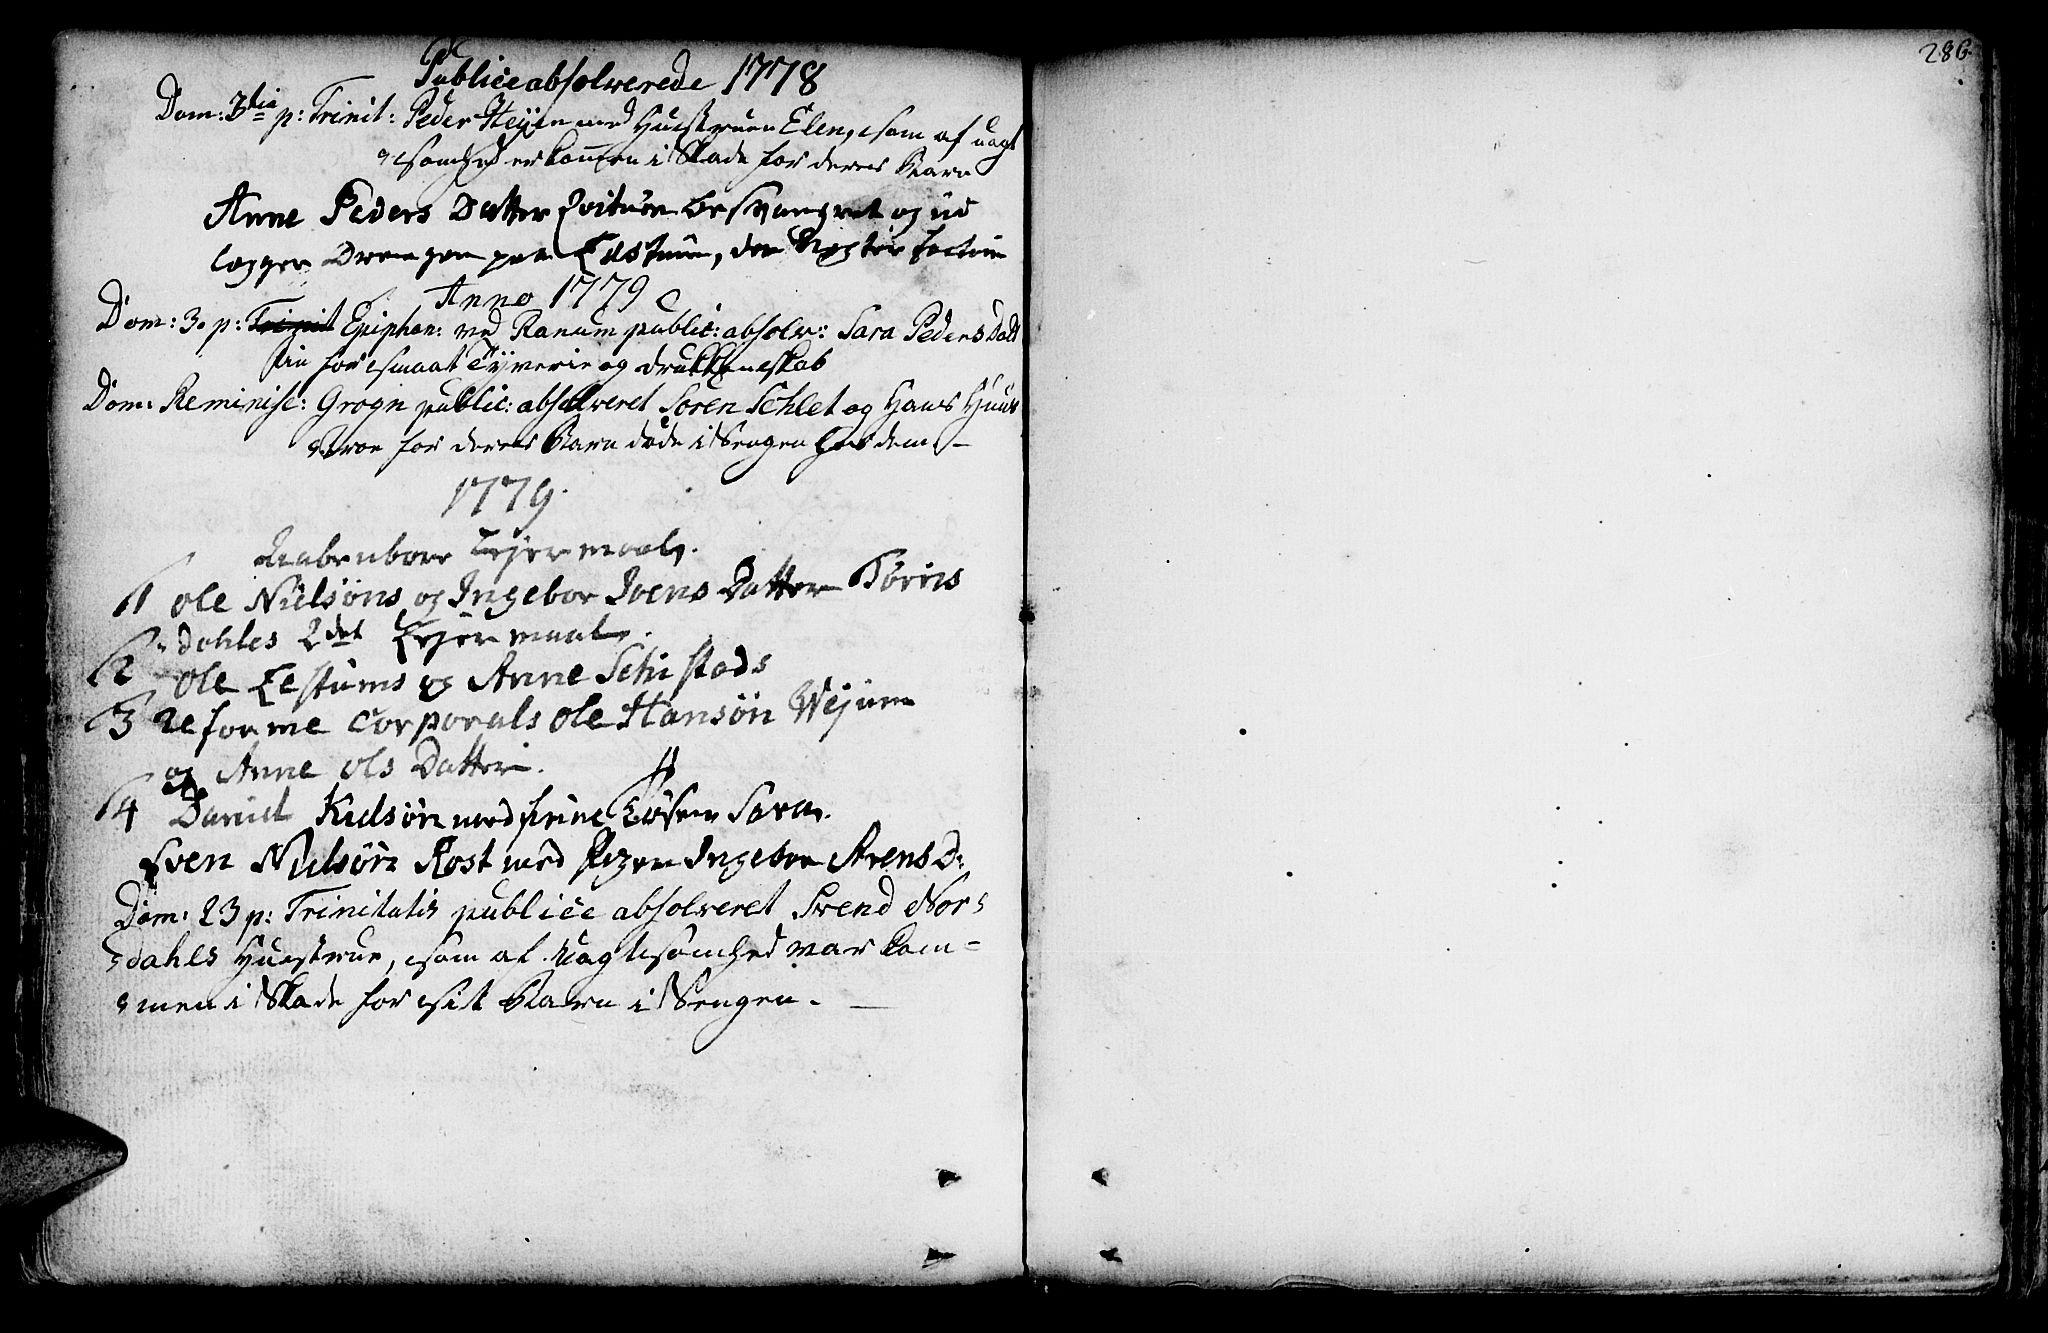 SAT, Ministerialprotokoller, klokkerbøker og fødselsregistre - Nord-Trøndelag, 764/L0542: Ministerialbok nr. 764A02, 1748-1779, s. 286